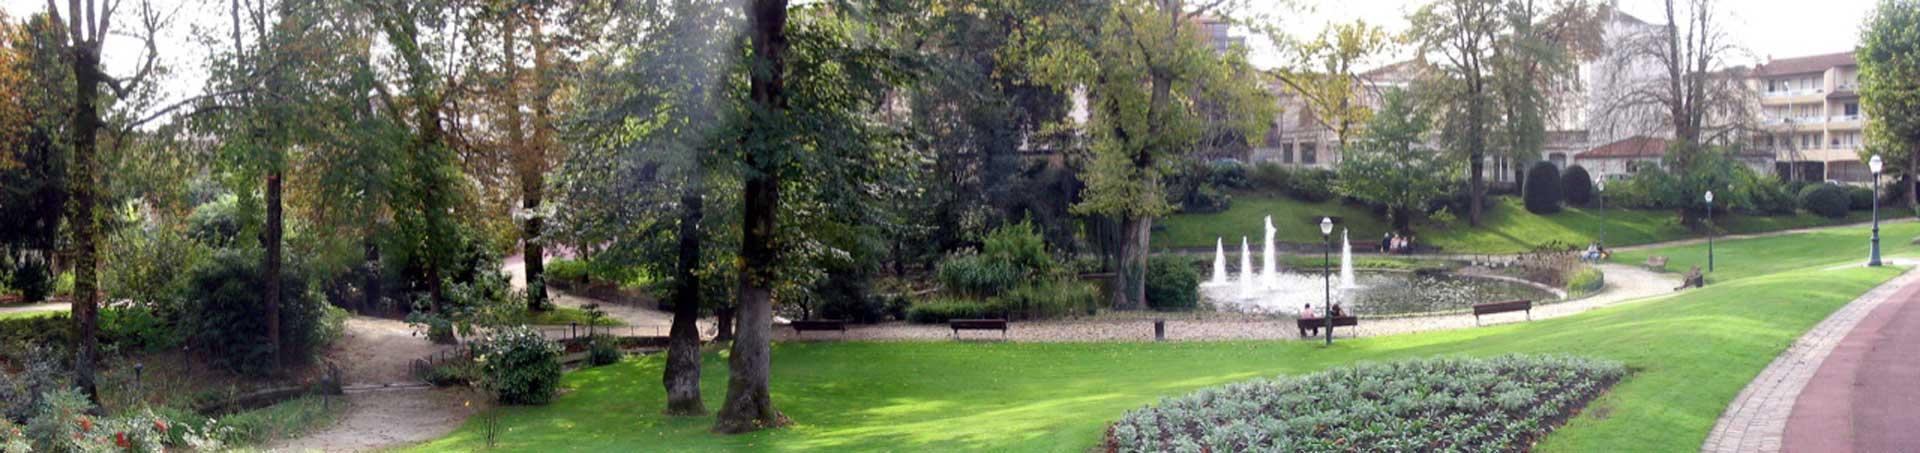 découvrir les jardins public cognac